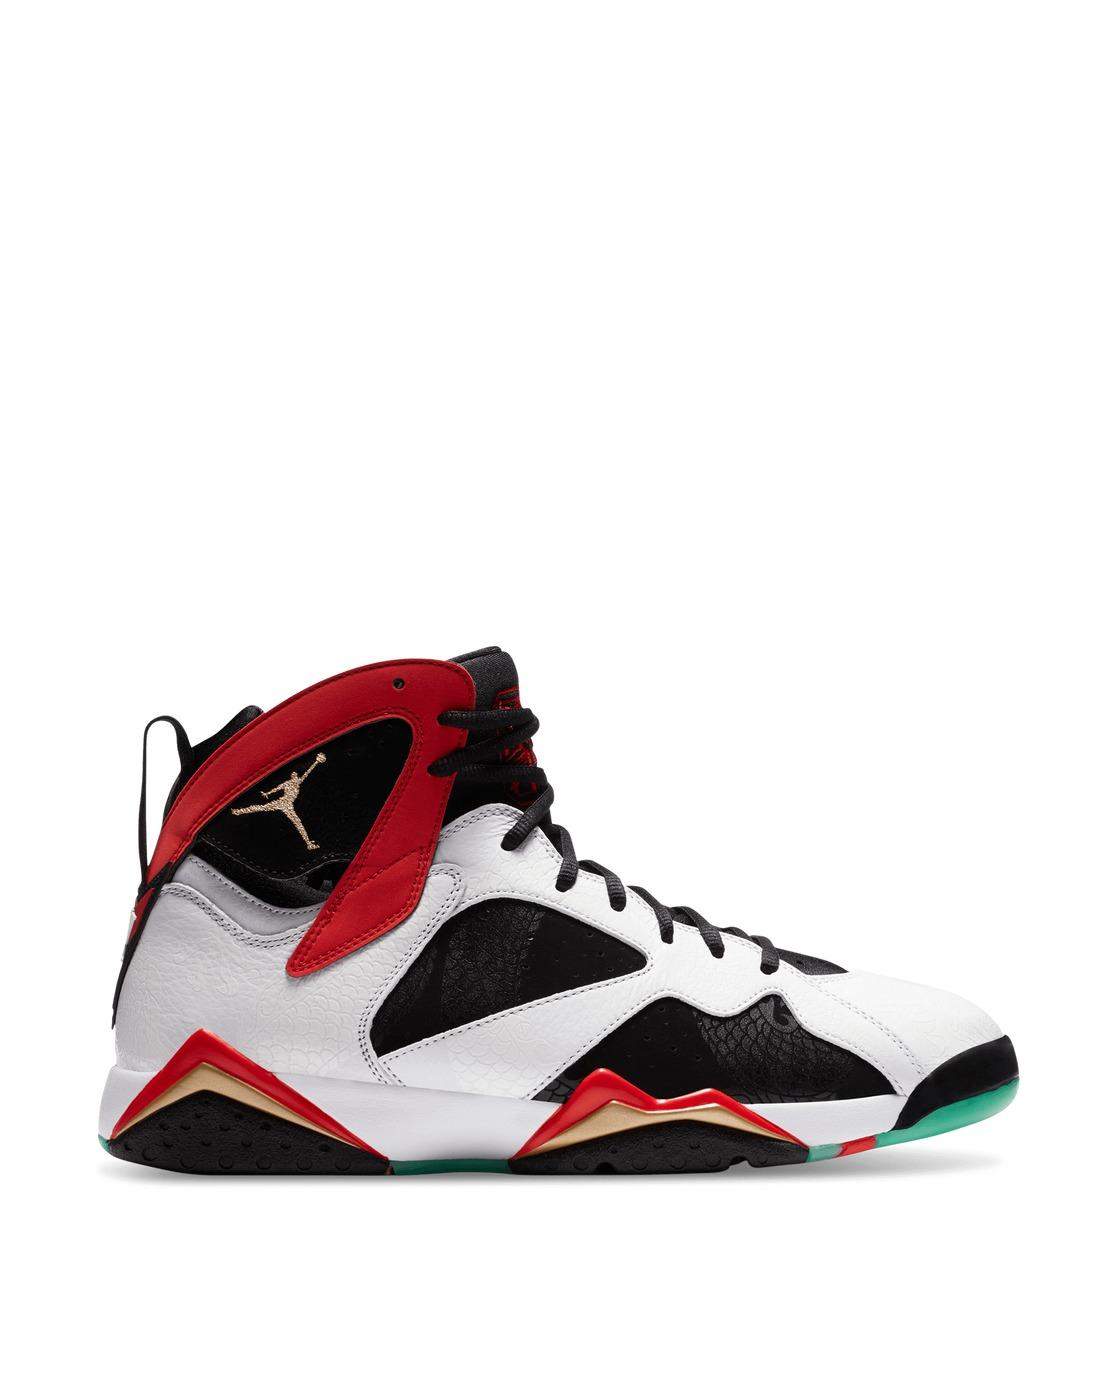 Nike Jordan Air Jordan 7 Retro Gc Sneakers White/Chile Red Nike ...